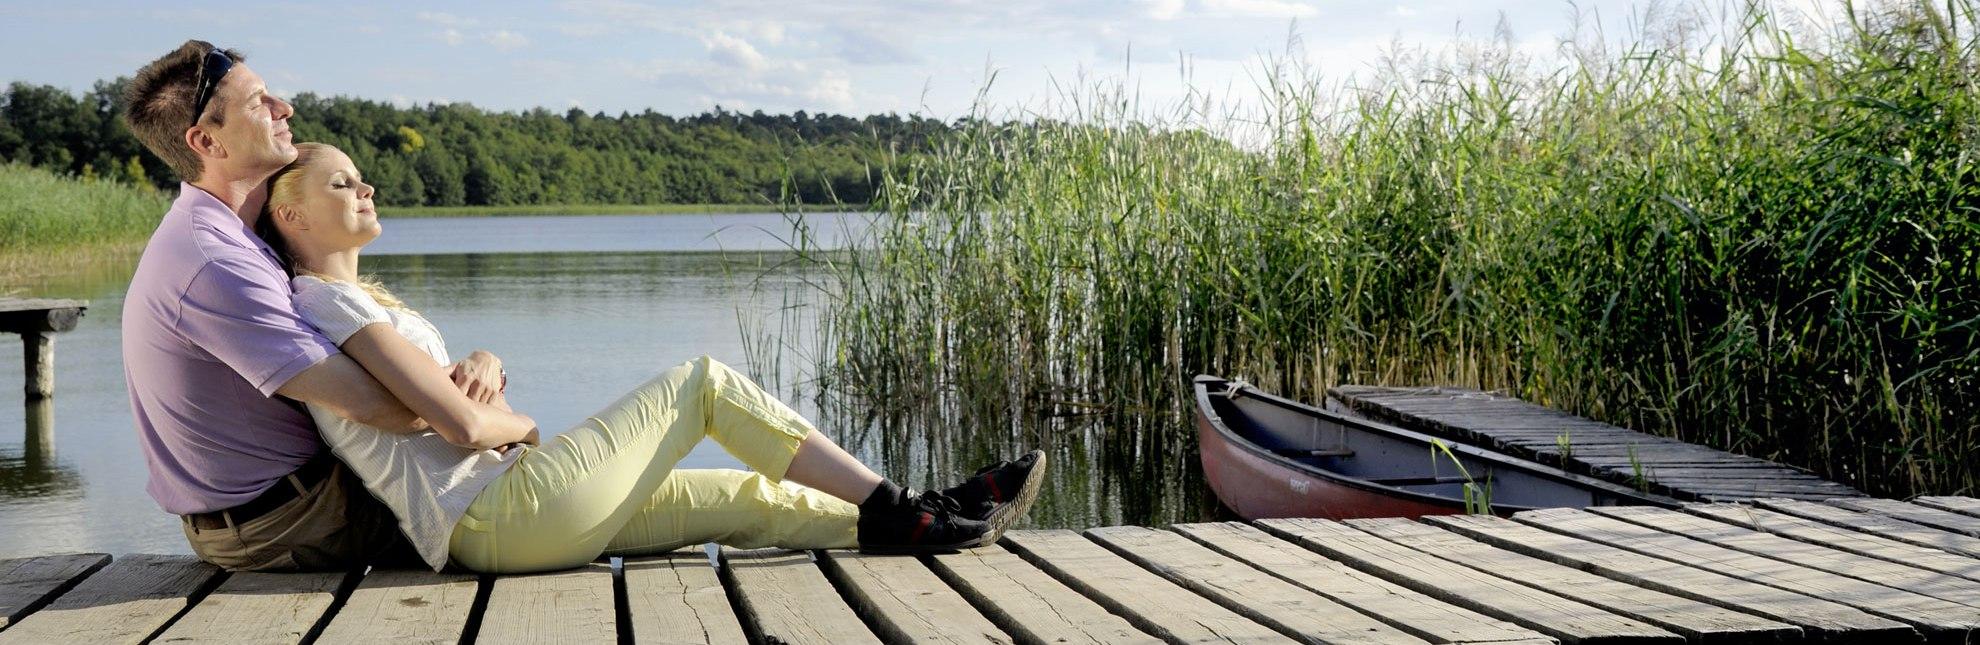 Zeit zu zweit: Gemeinsam die Romantik am Schaalsee genießen., © photocompany GmbH / HLMS GmbH